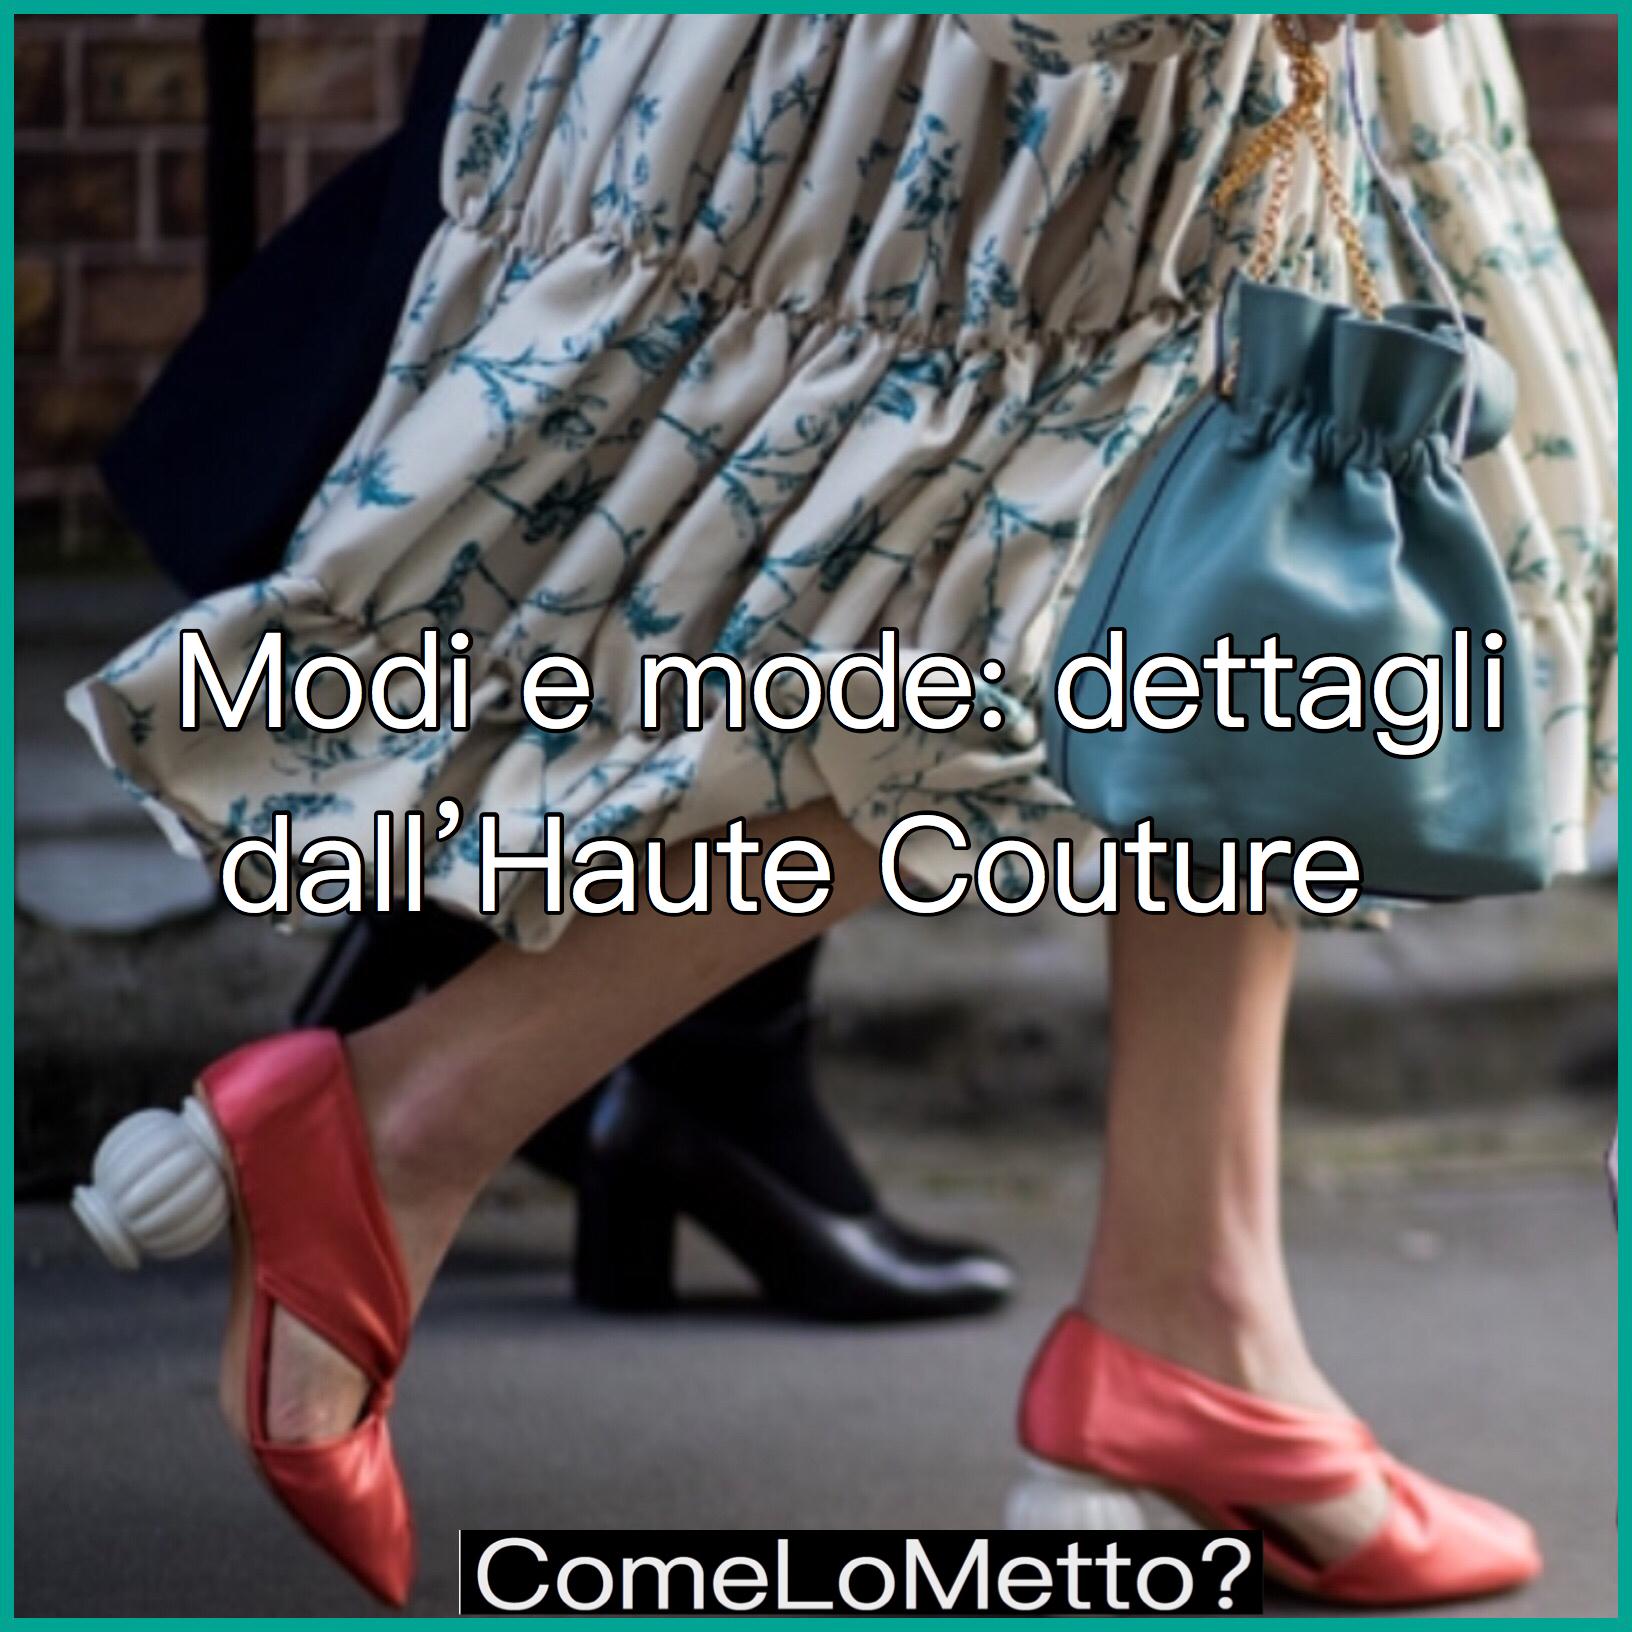 Mode e modi, dettagli dall'Haute Couture